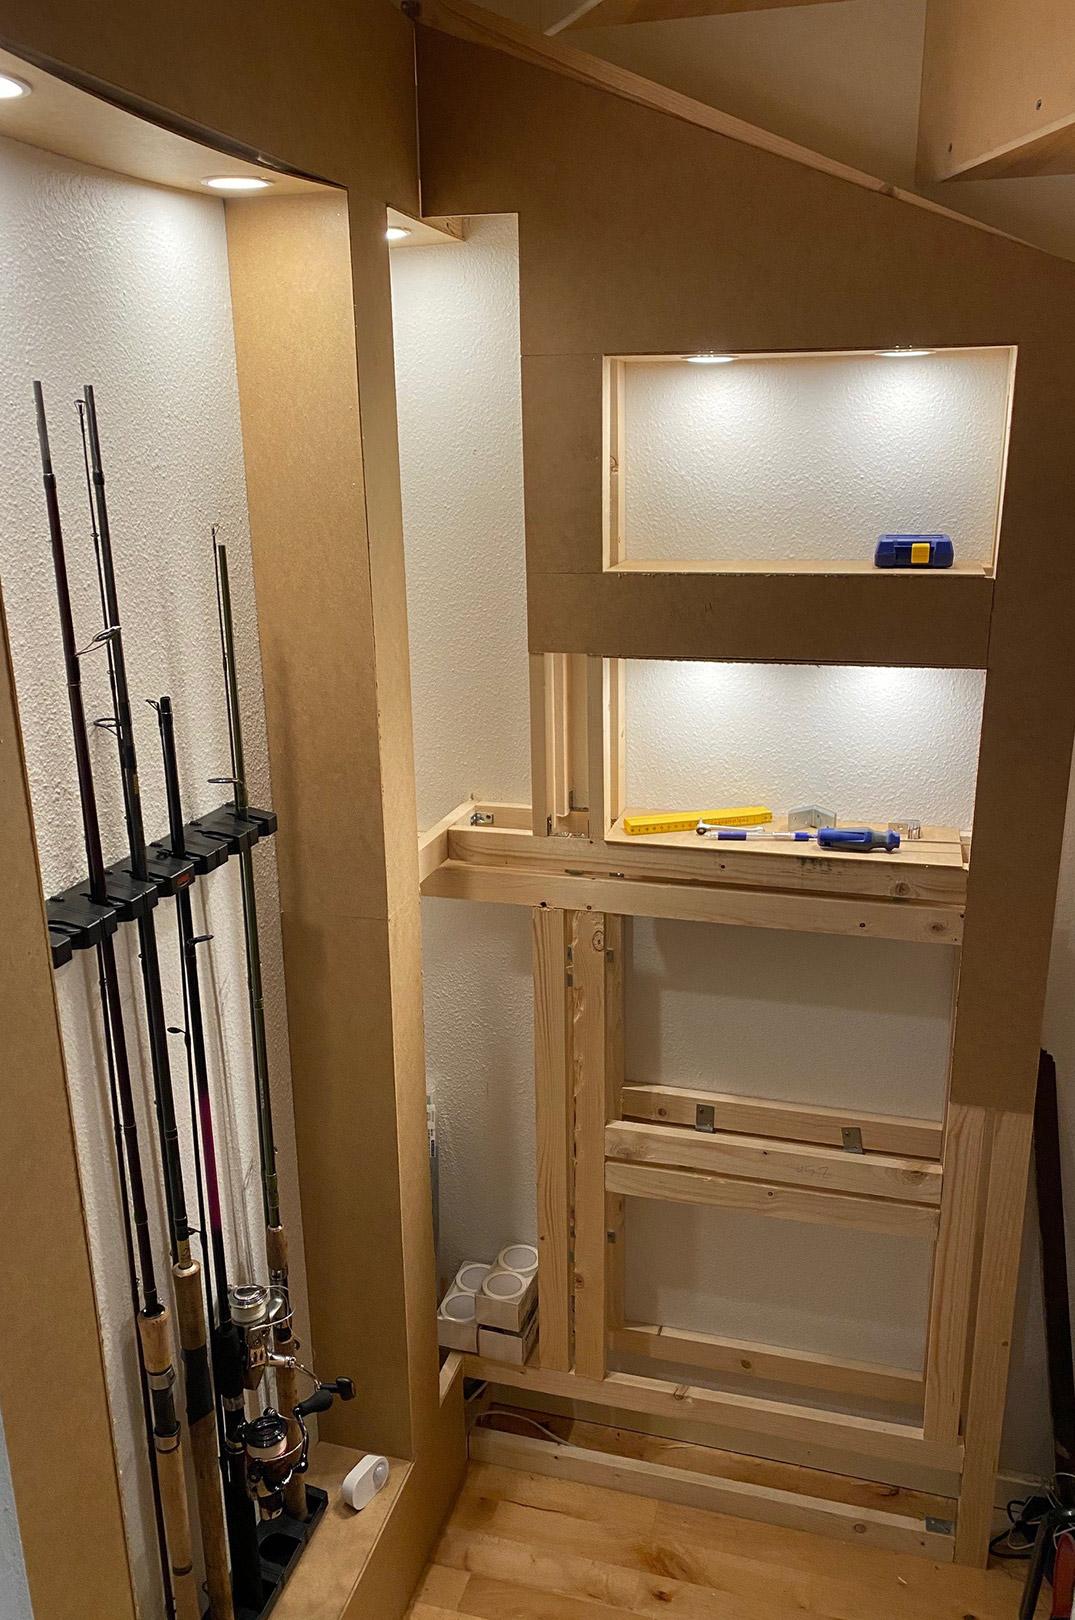 Jeg valgte at bygge anden sektion op med 4 rum. Alt er bygget med fyrretræslister, og 3 mm mdf plader, der er savet ud med fukssvans, og sømmet på.